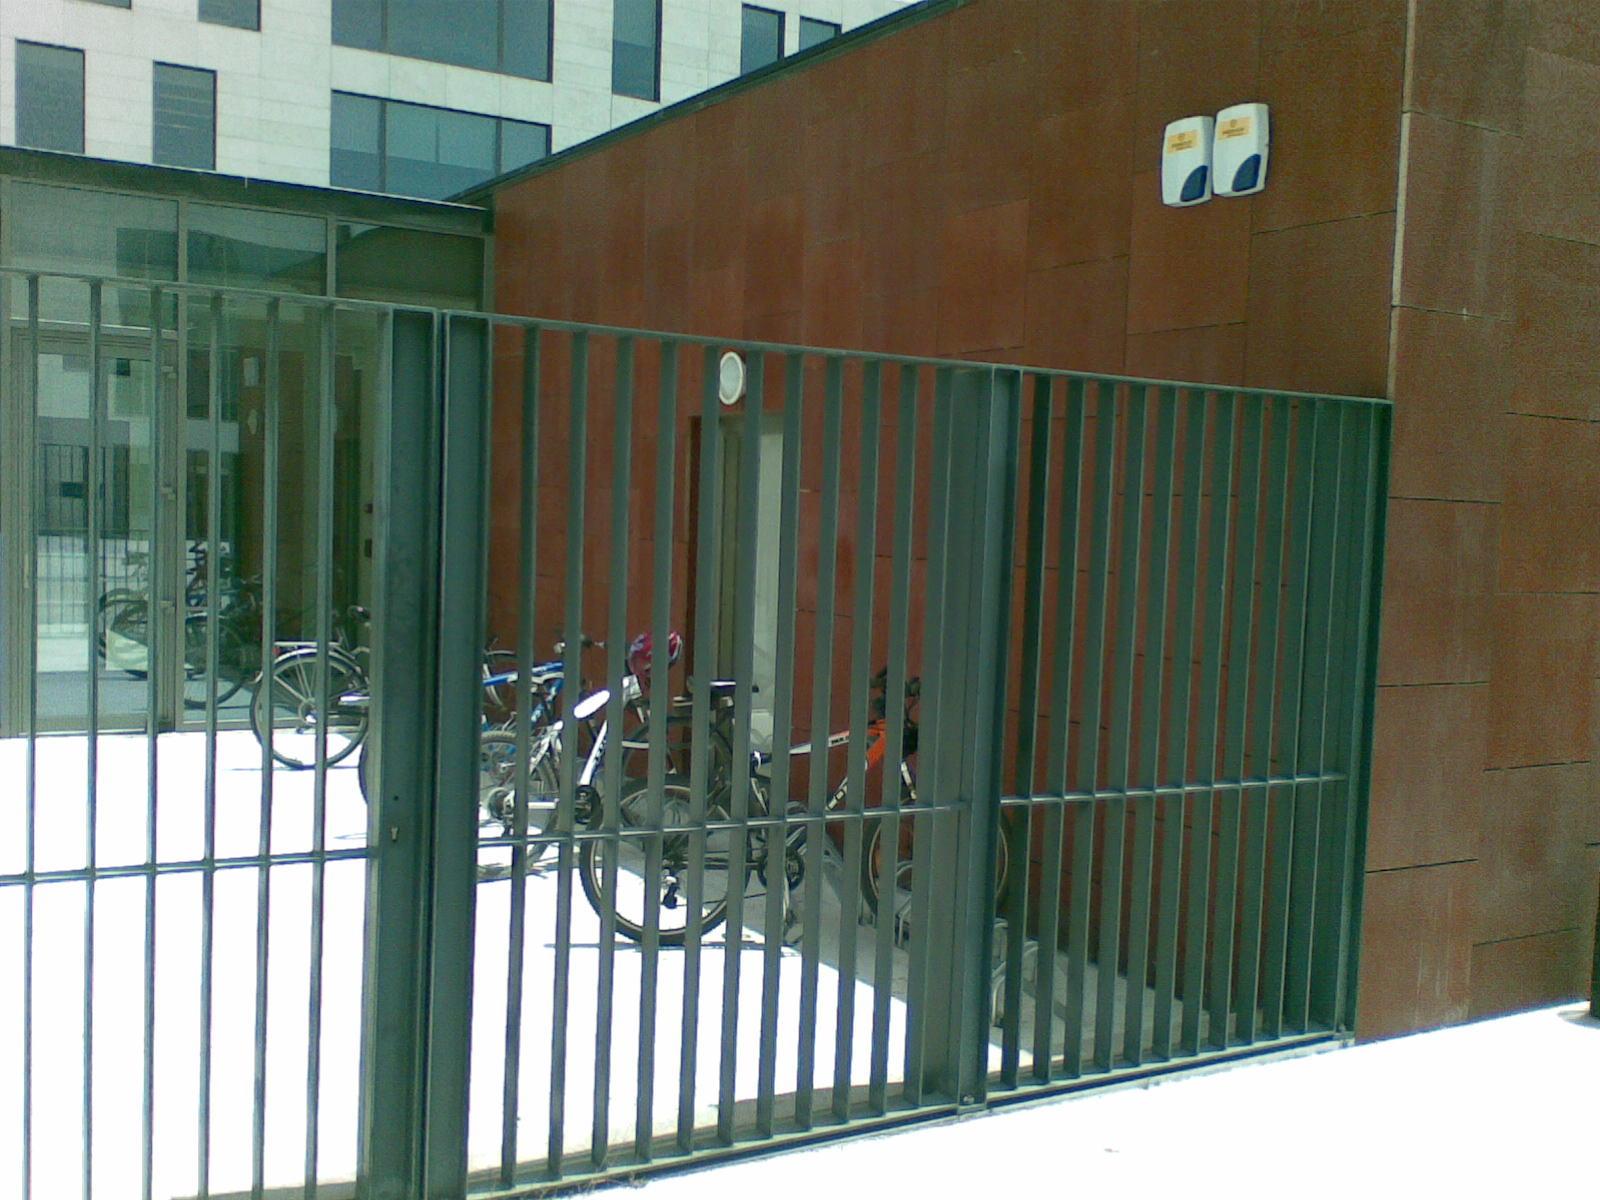 Parqueamento de bicicletas no átrio de entrada de instituição em Lisboa